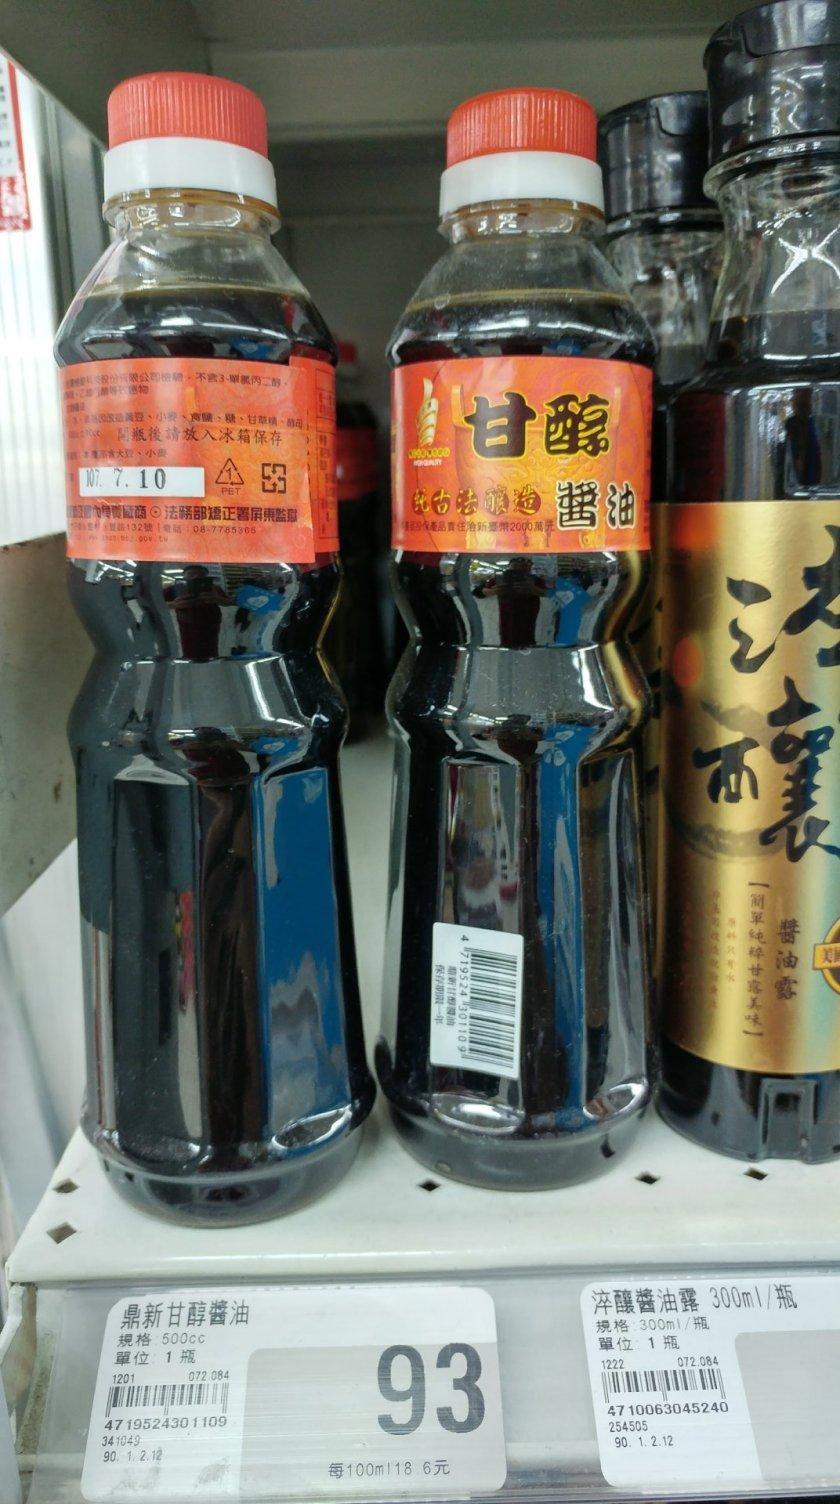 大潤發 鼎新甘醇醬油